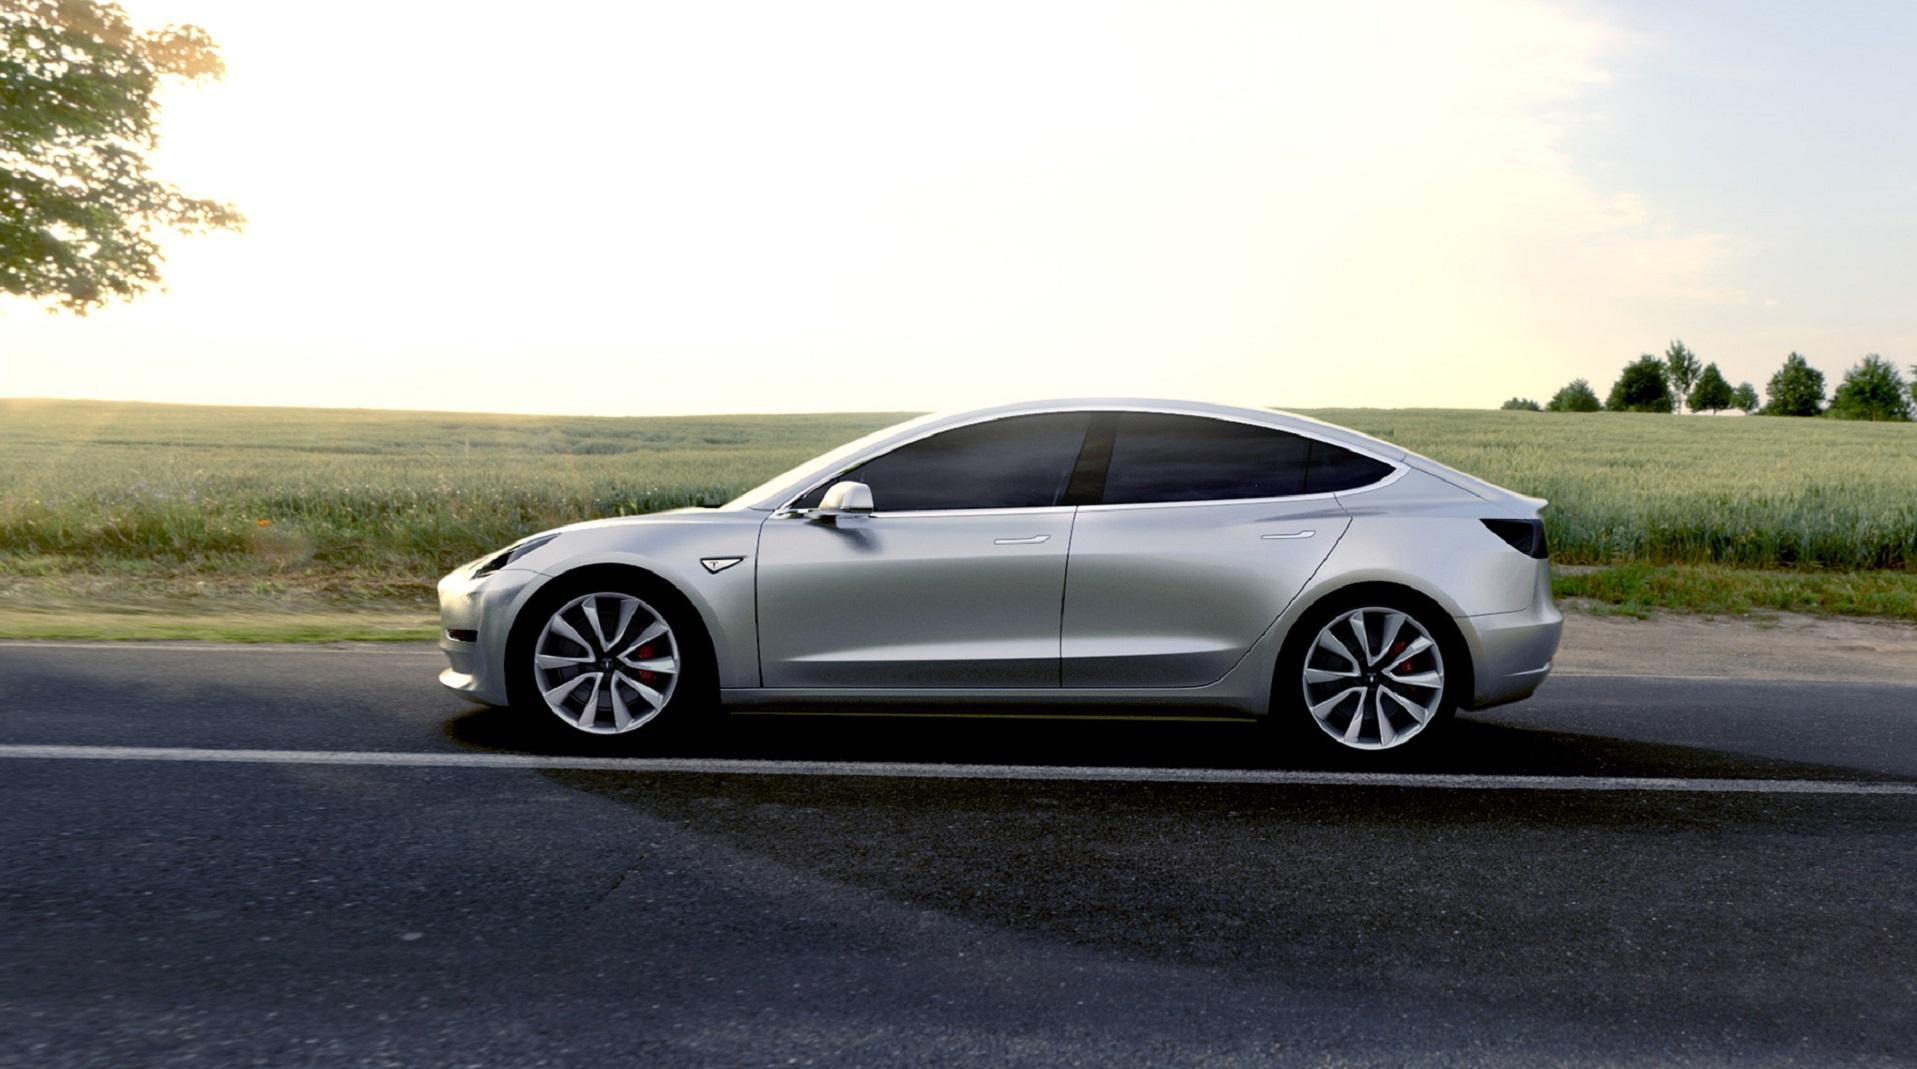 Un Tesla Model 3 recorre 1.000 km en una sola carga con autopiloto